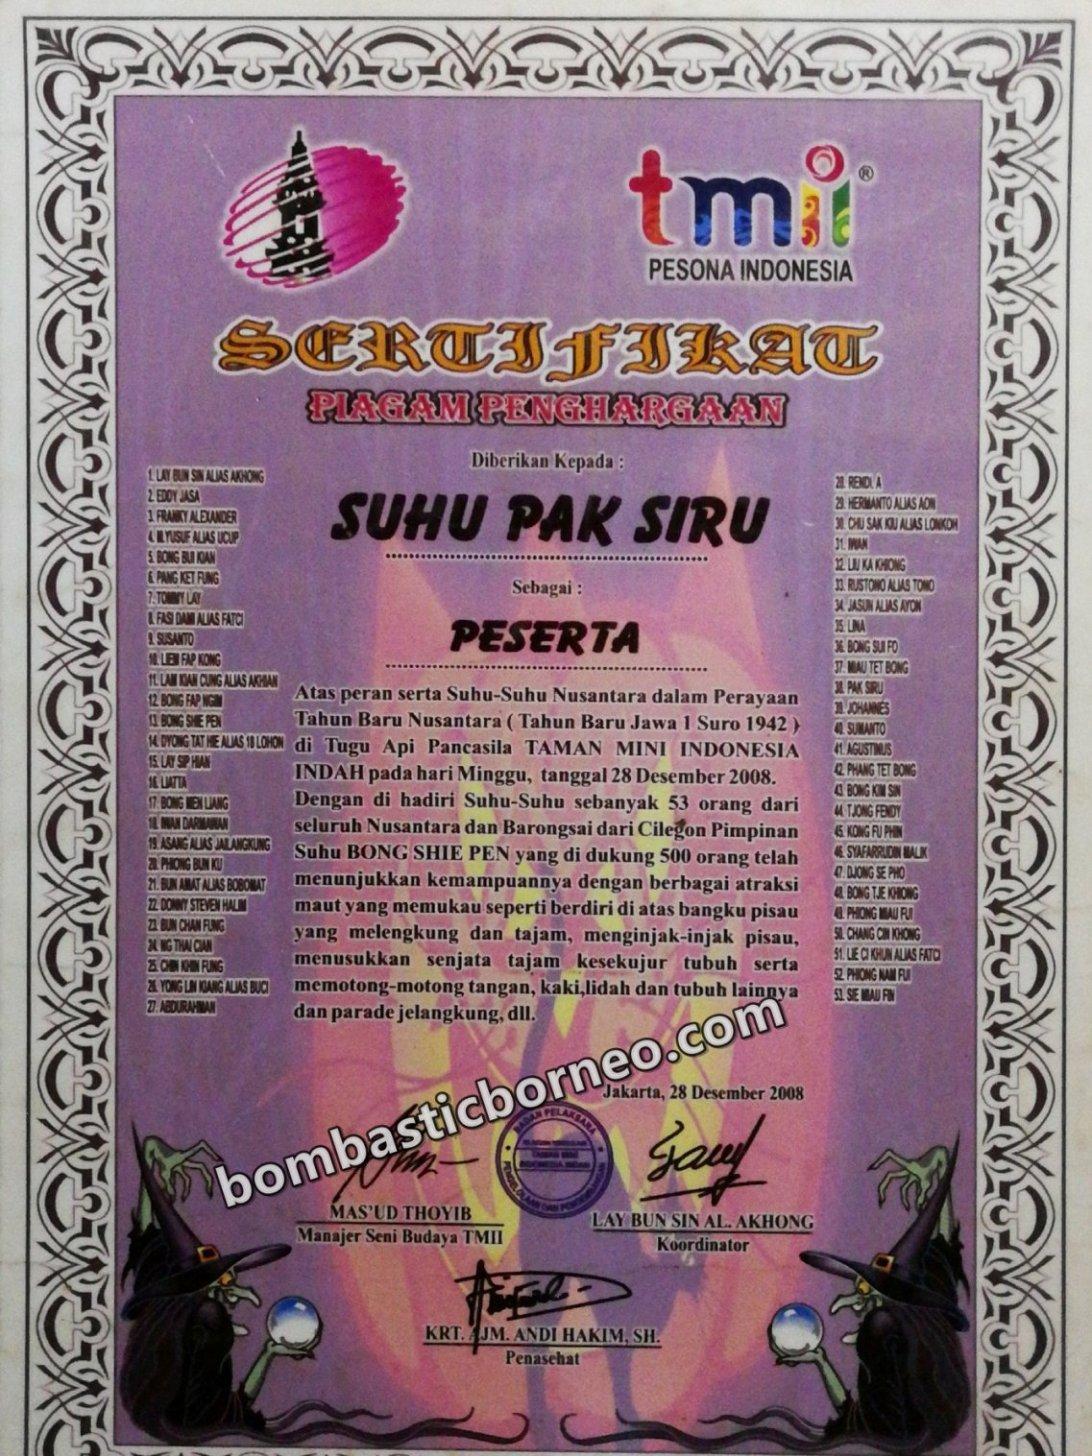 Panglima Siru, Dukun, Sifu, Healer, Shaman, dayak, Ethnic, native, Indonesia, Bengkayang, Sango, Sanggau Ledo, Travel, village, Trans Borneo,